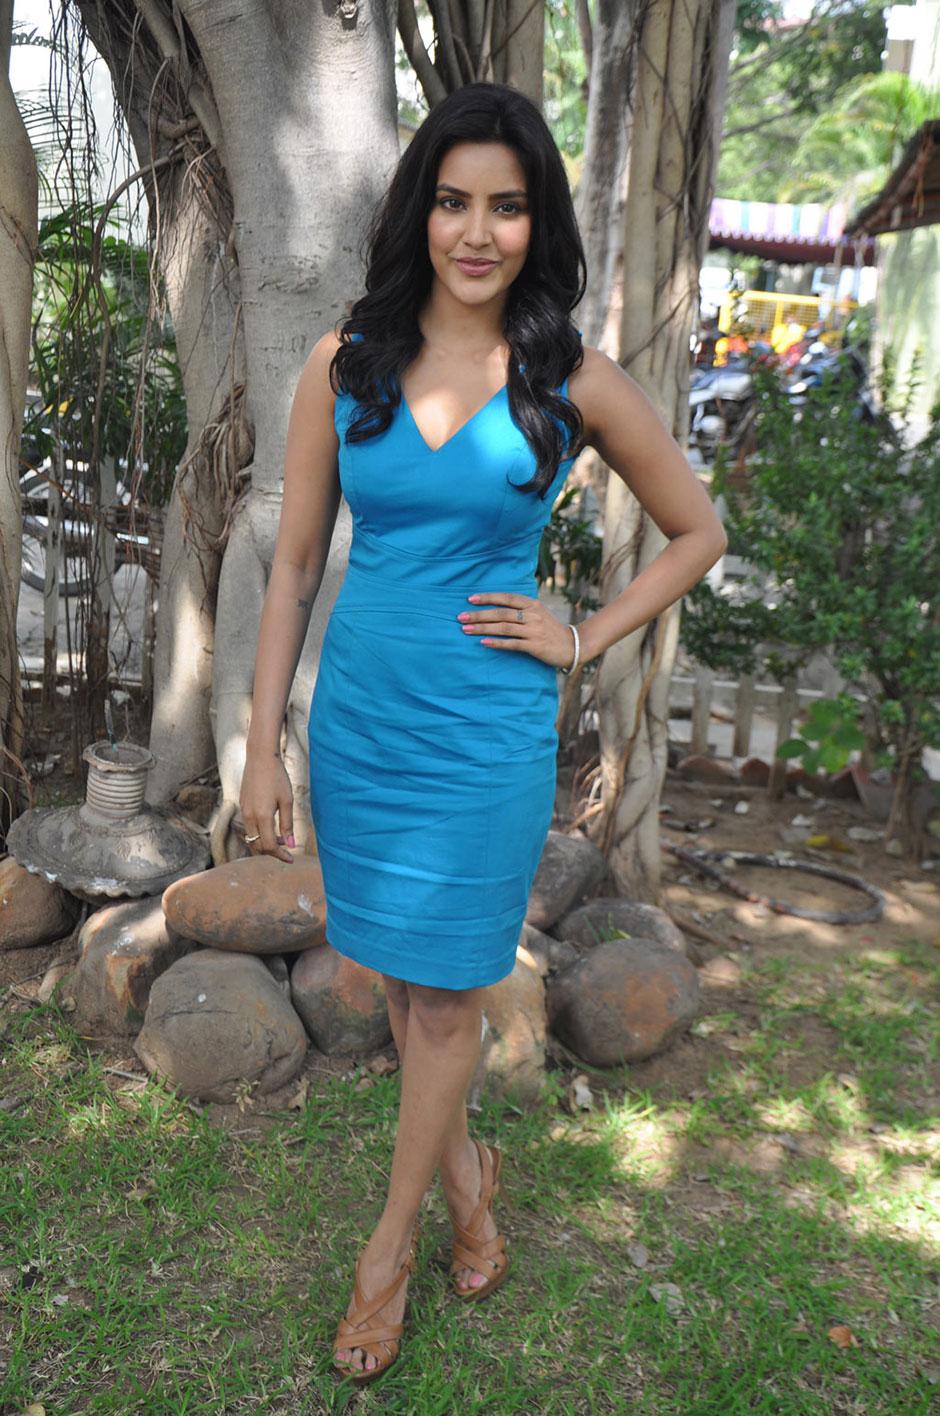 priya preeti young priya young   Girl, Hair styles, Image